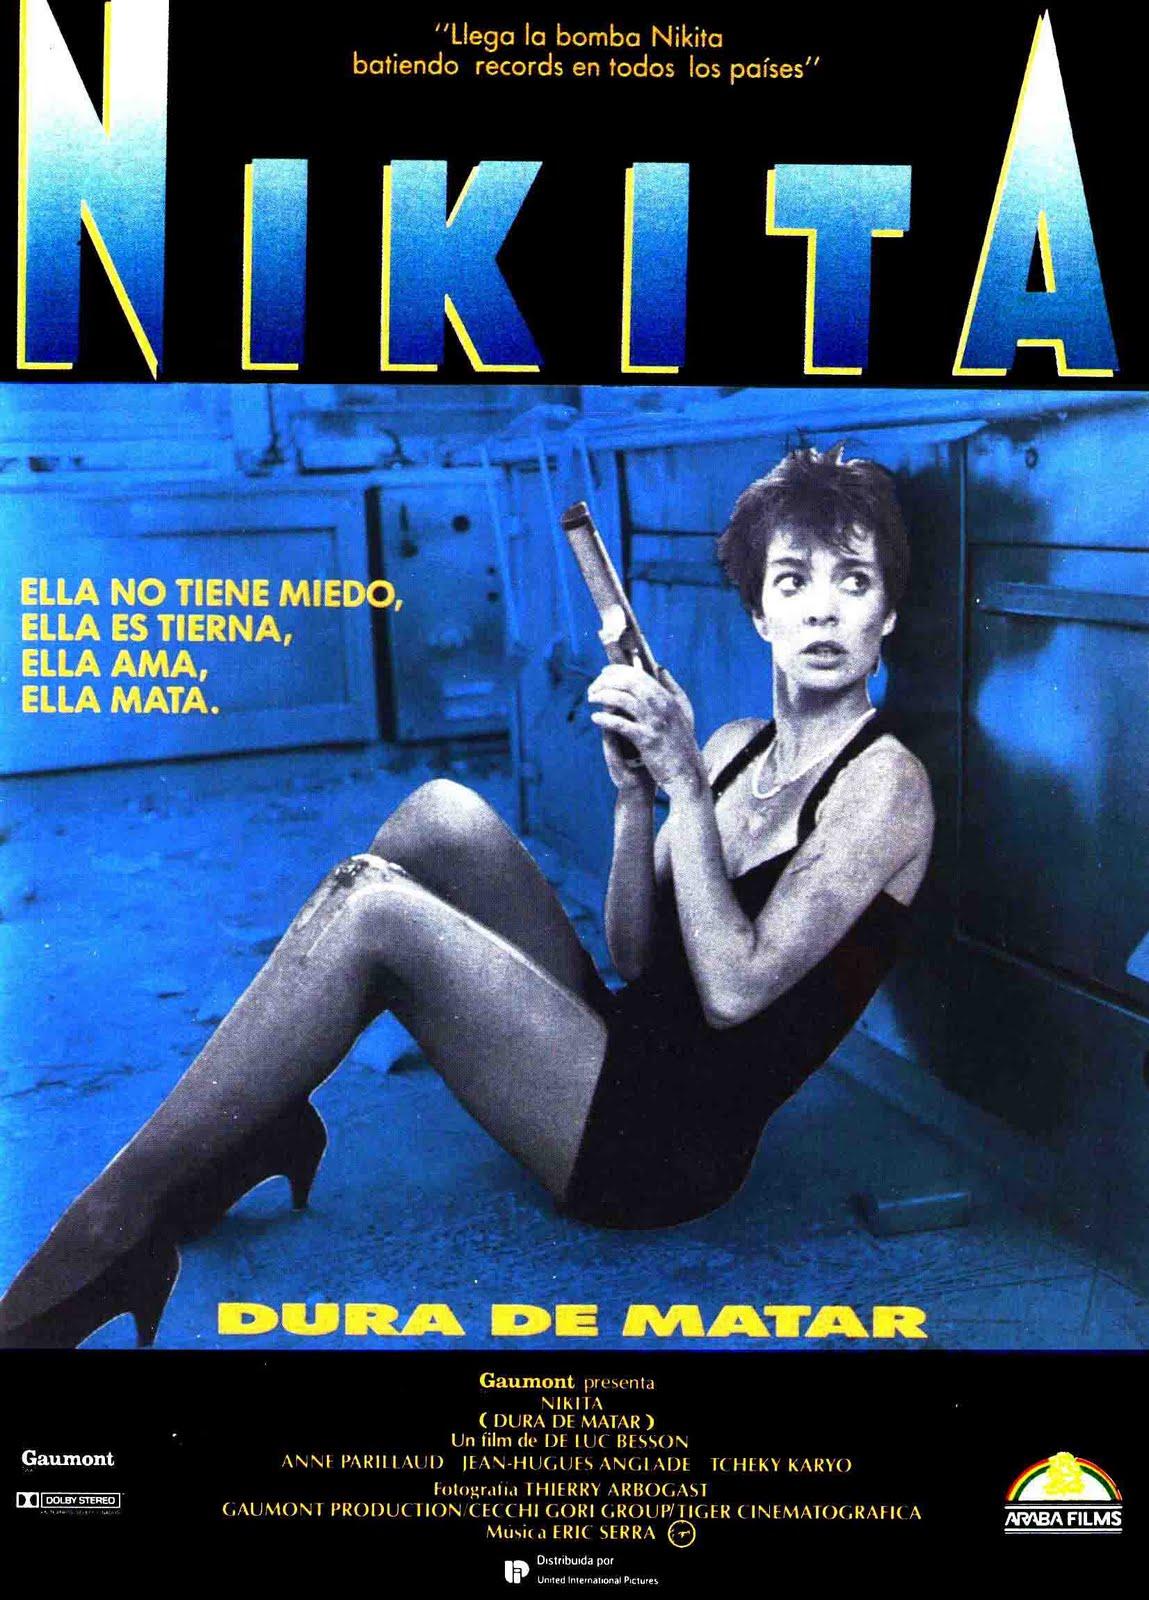 http://3.bp.blogspot.com/-x3C1_51FsA0/Ti1_0QWmRBI/AAAAAAAADaw/KRhADHiX-TA/s1600/Nikita%252C%2Bdura%2Bde%2Bmatar.jpg